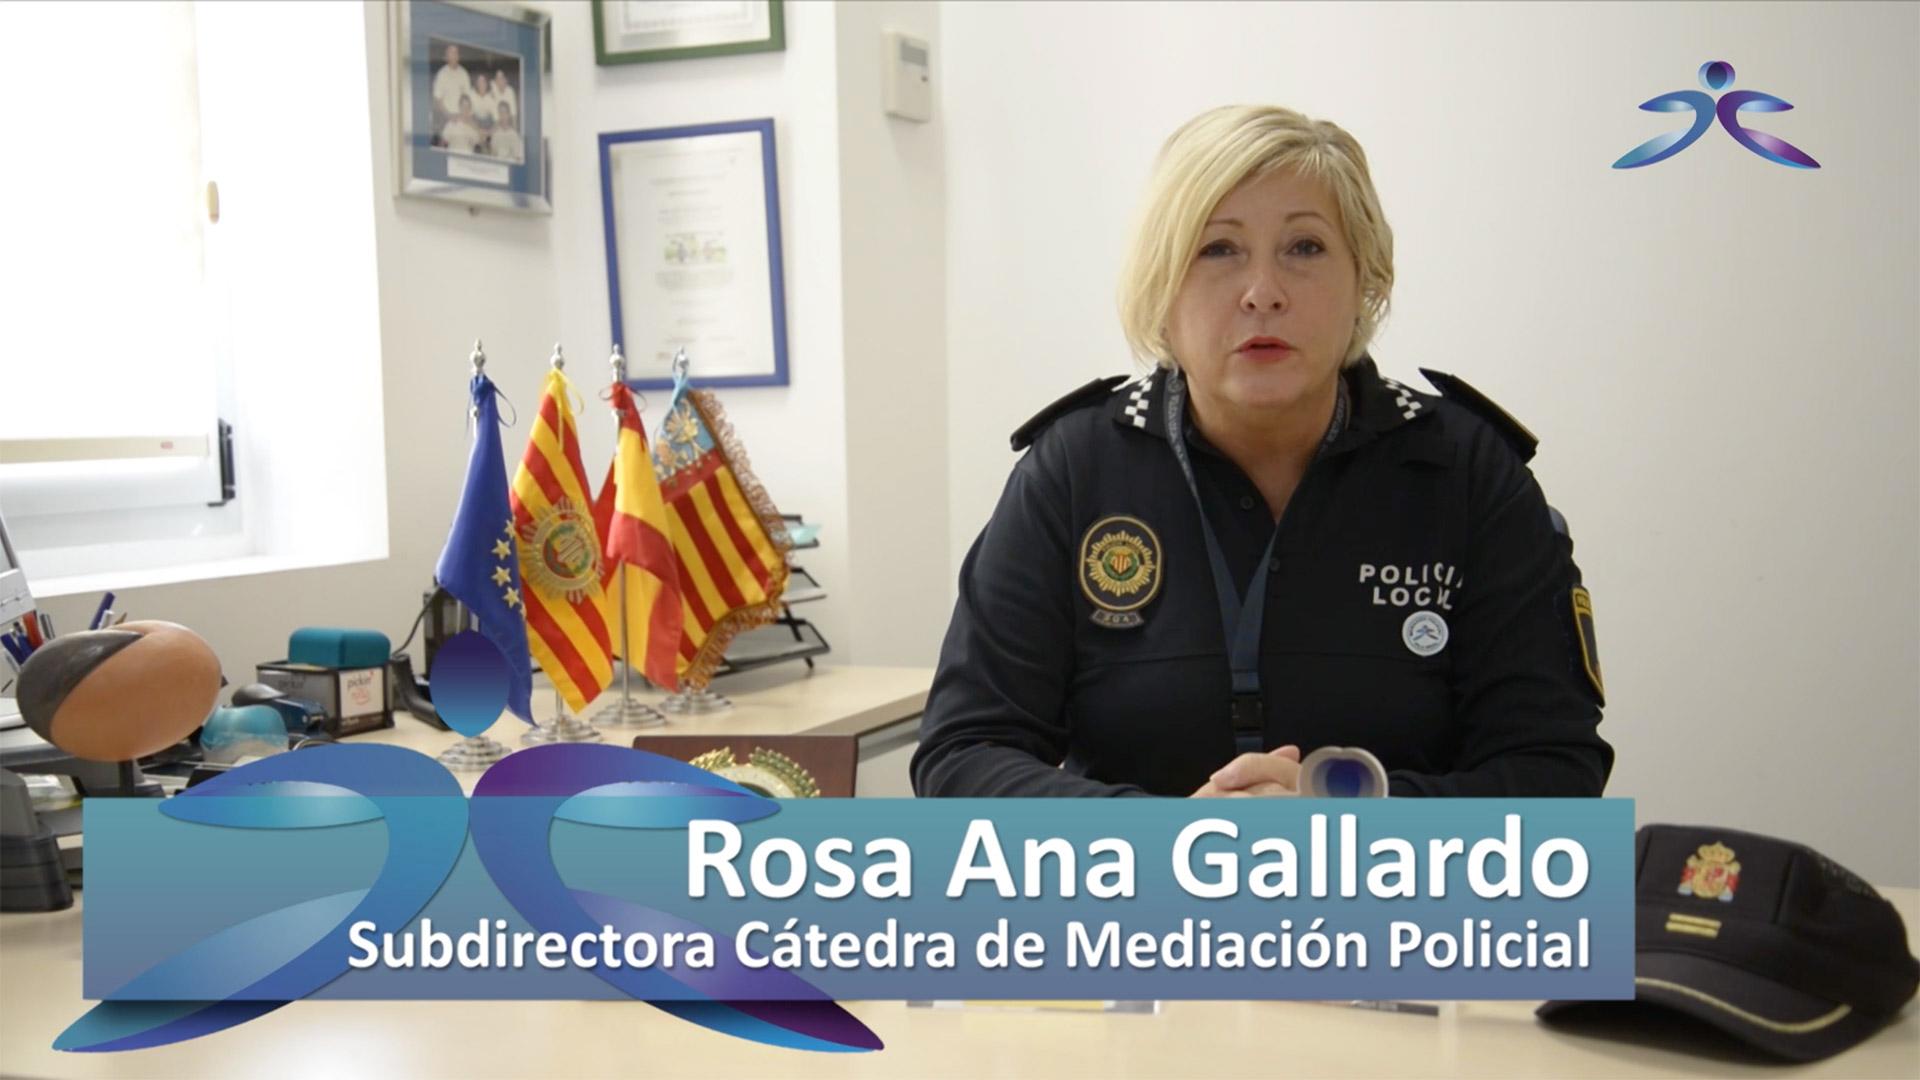 Rosa Ana Gallardo Campos, subdirectora de la Cátedra de Mediación Policial